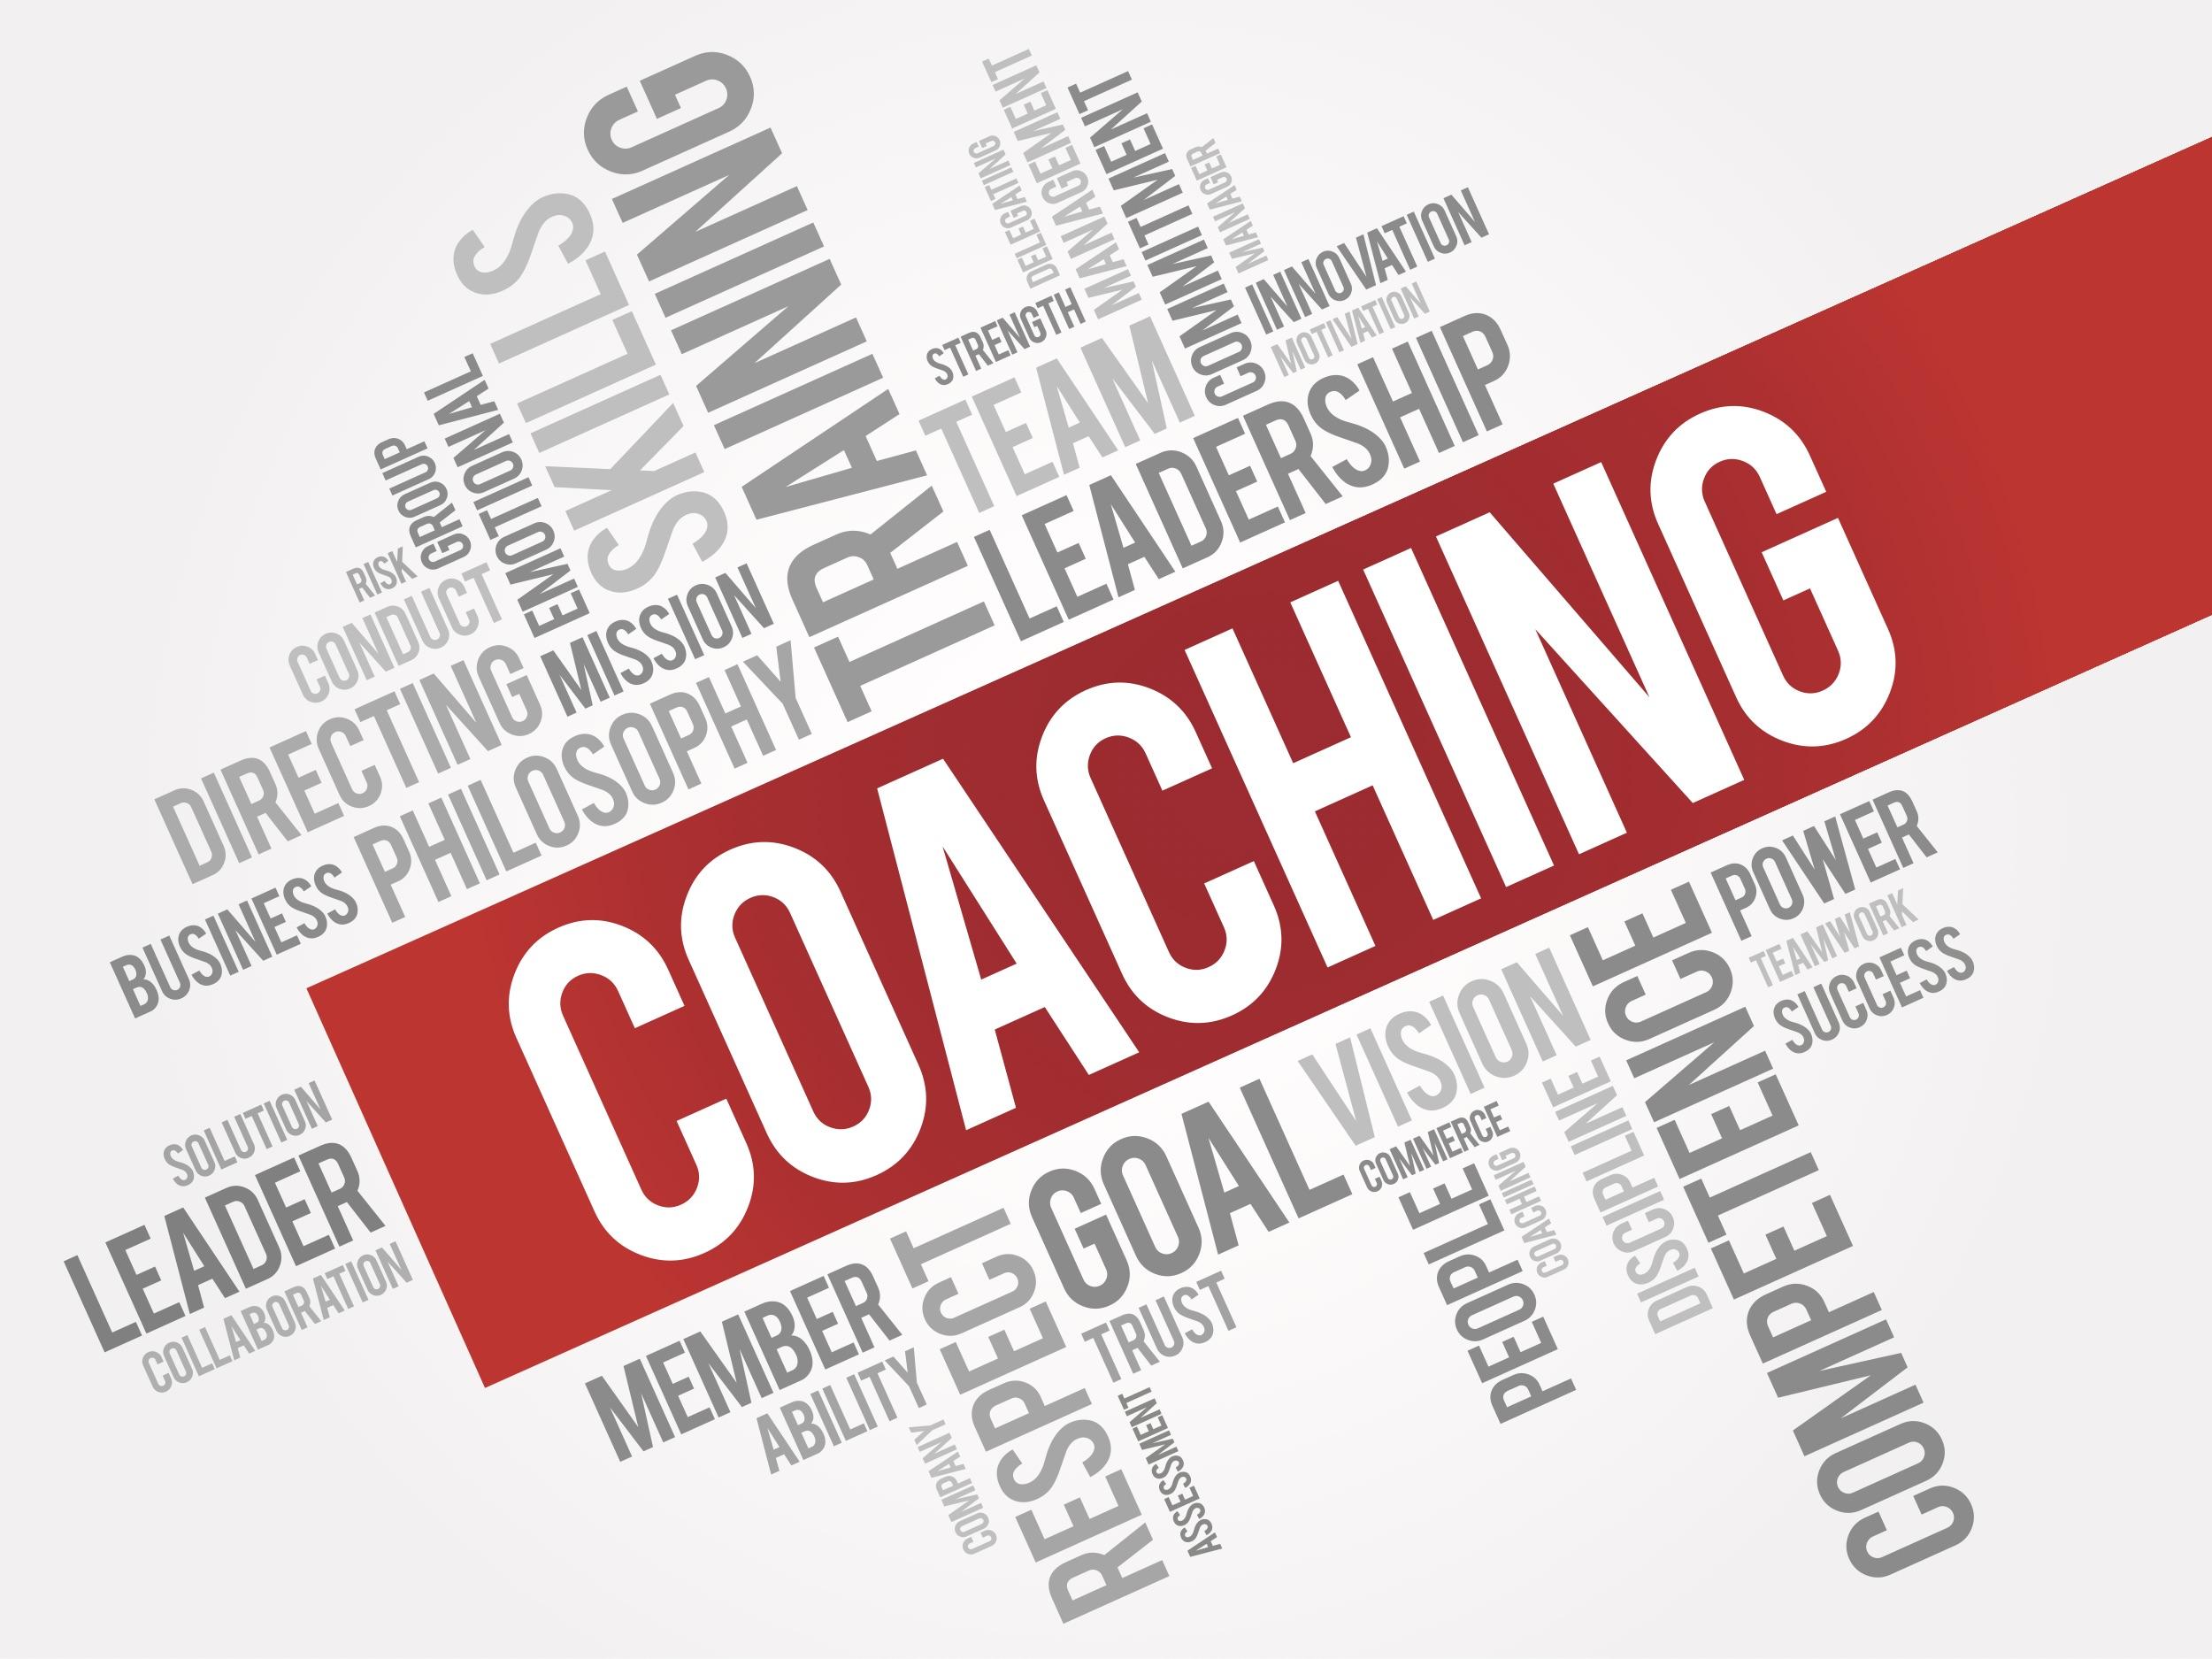 Business Coaching, Executive Coaching, Leadership Coaching FocalPoint Business Coaching